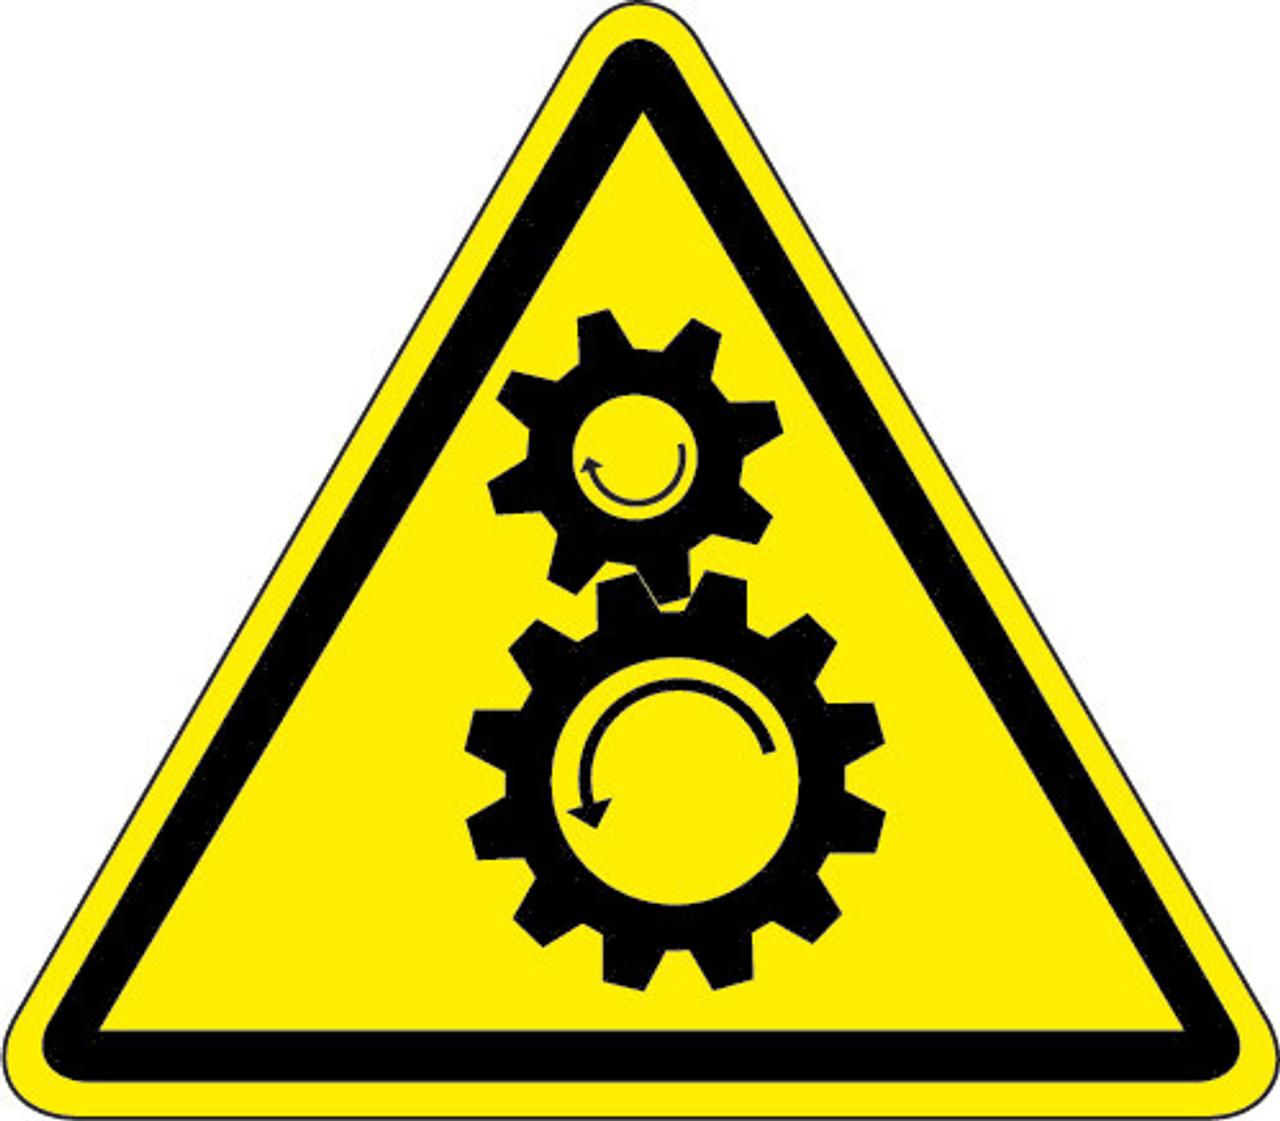 Pinch Point Or Entanglement Hazard (ISO Triangle Hazard ...